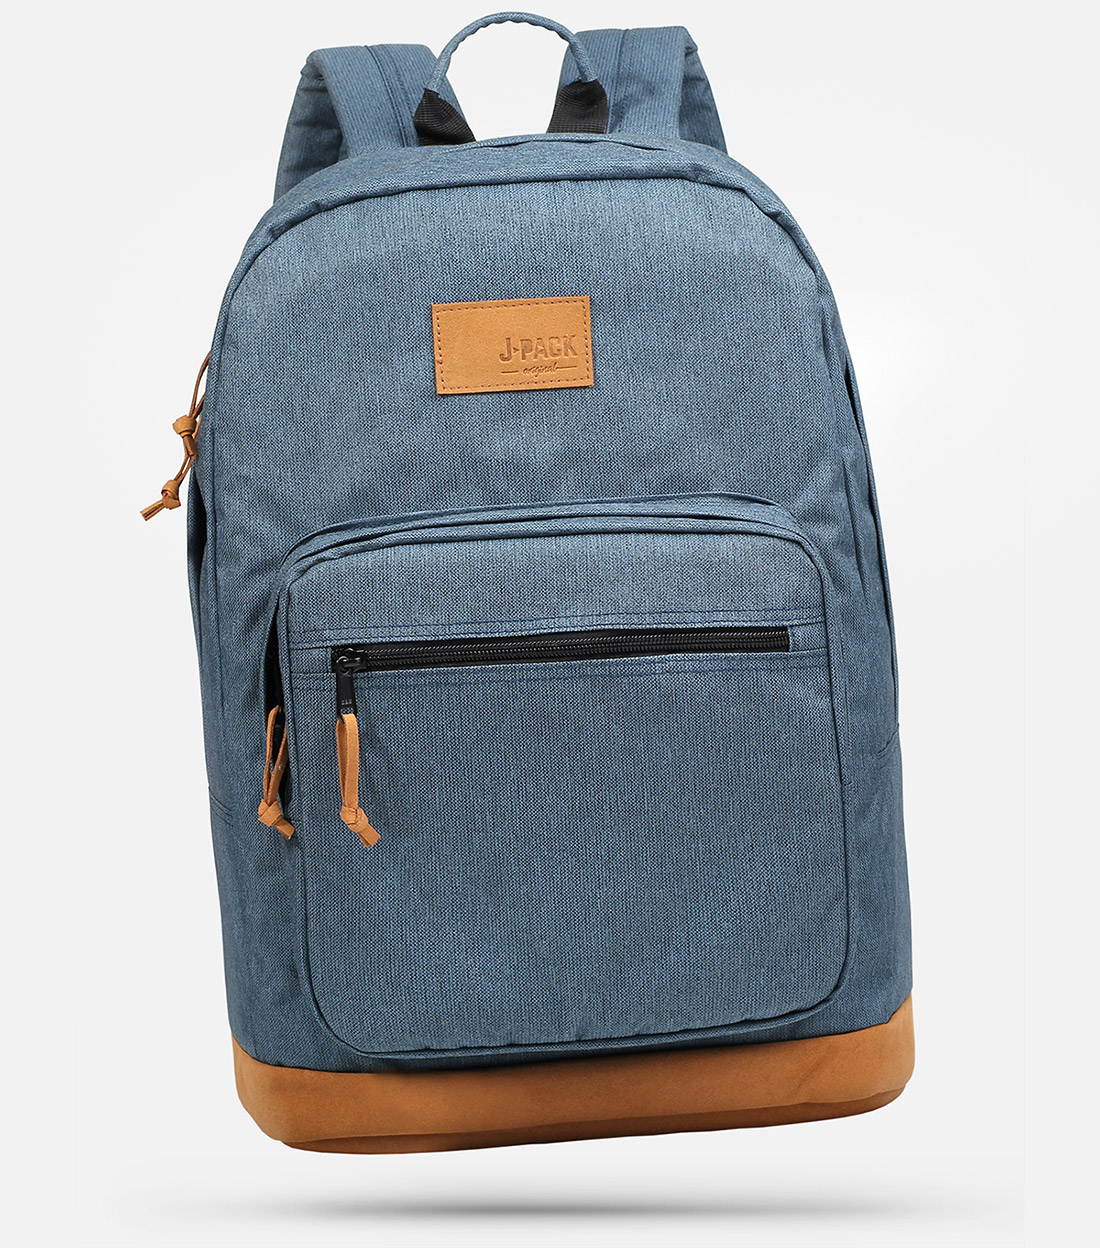 Рюкзак J-pack Original Classic Blue